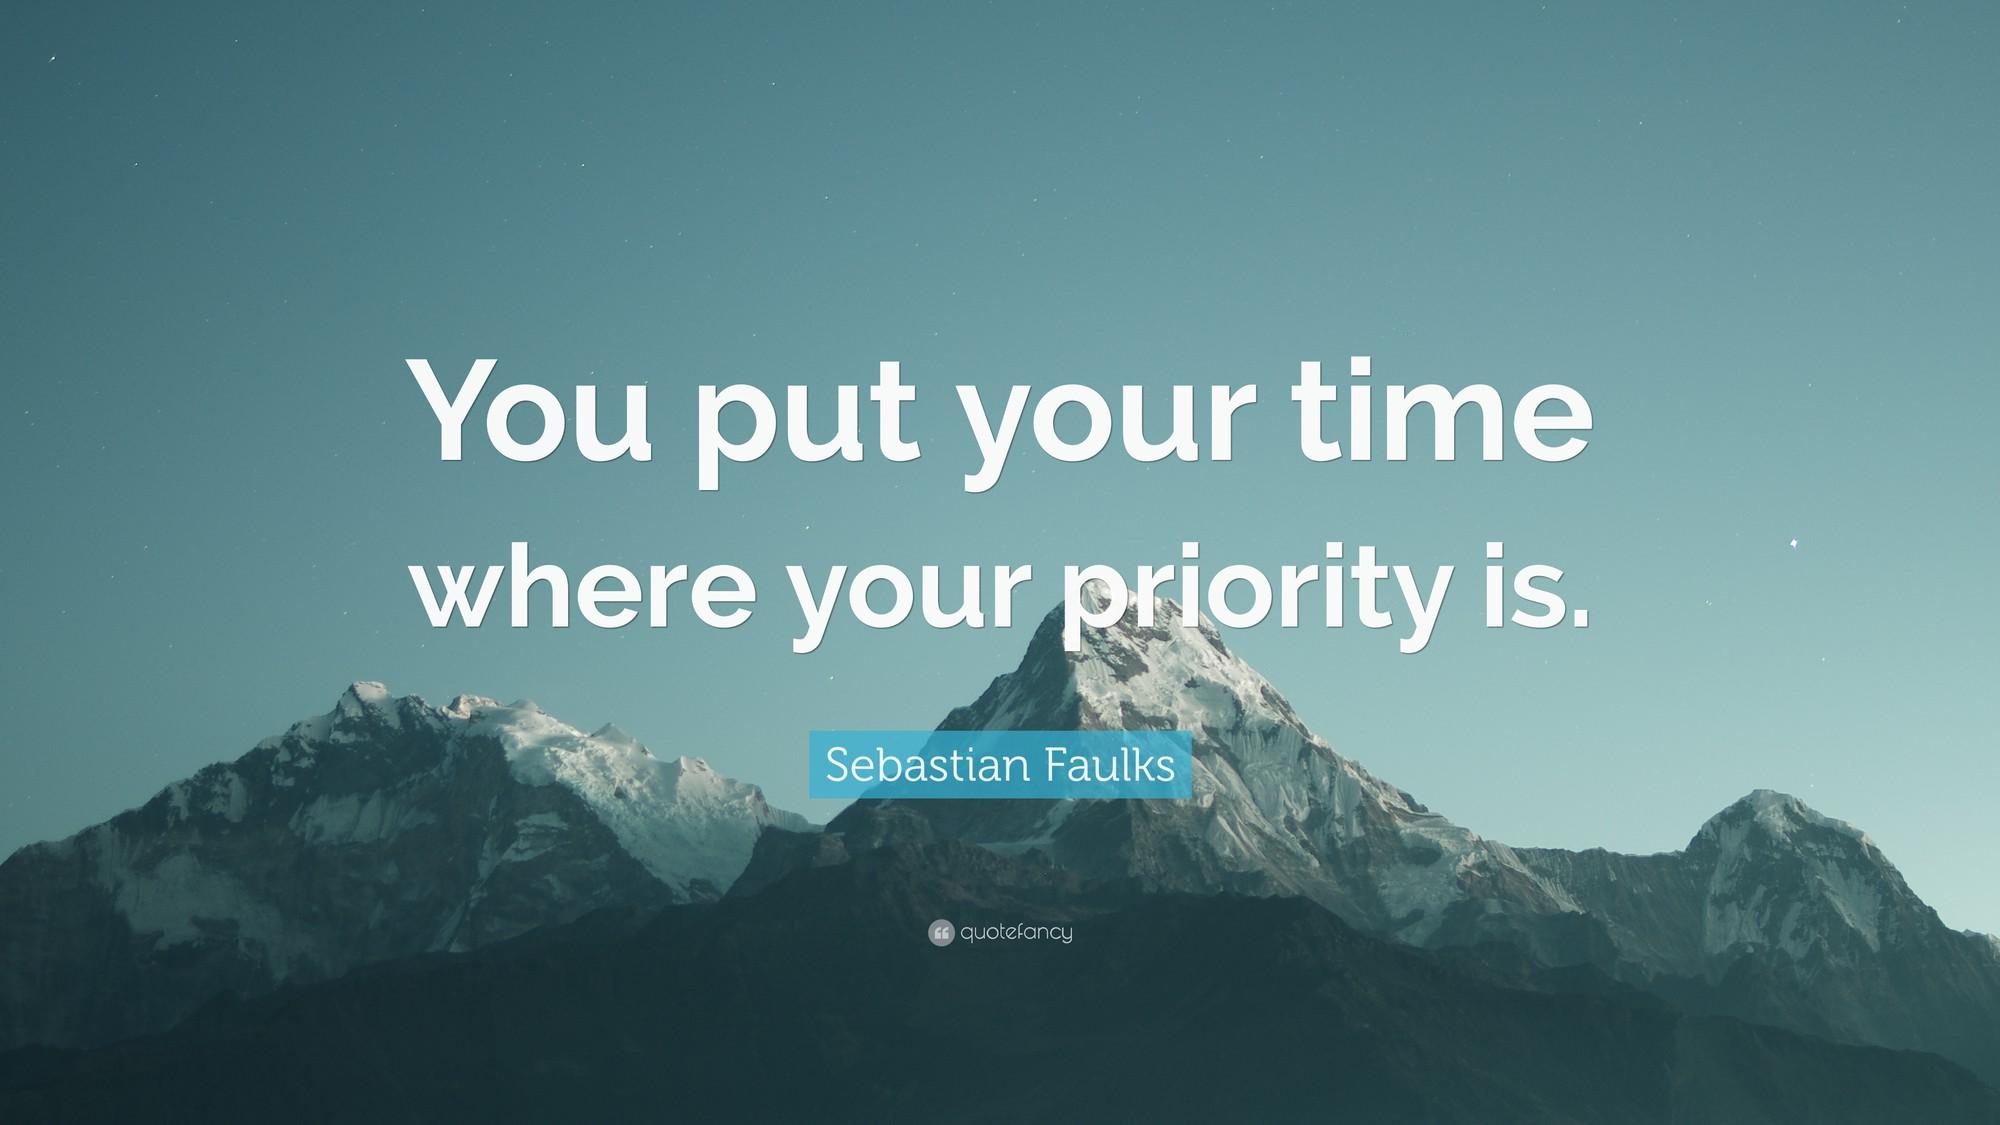 xây dựng cuộc sống - 3019523 sebastian faulks quote you put your time where your priority is 15607006570171022111921 - Cùng có 168 giờ/tuần nhưng đây là cách người thành công sử dụng chúng: Khi bạn chọn xây dựng cuộc sống của mình, thời gian sẽ tự sinh ra!